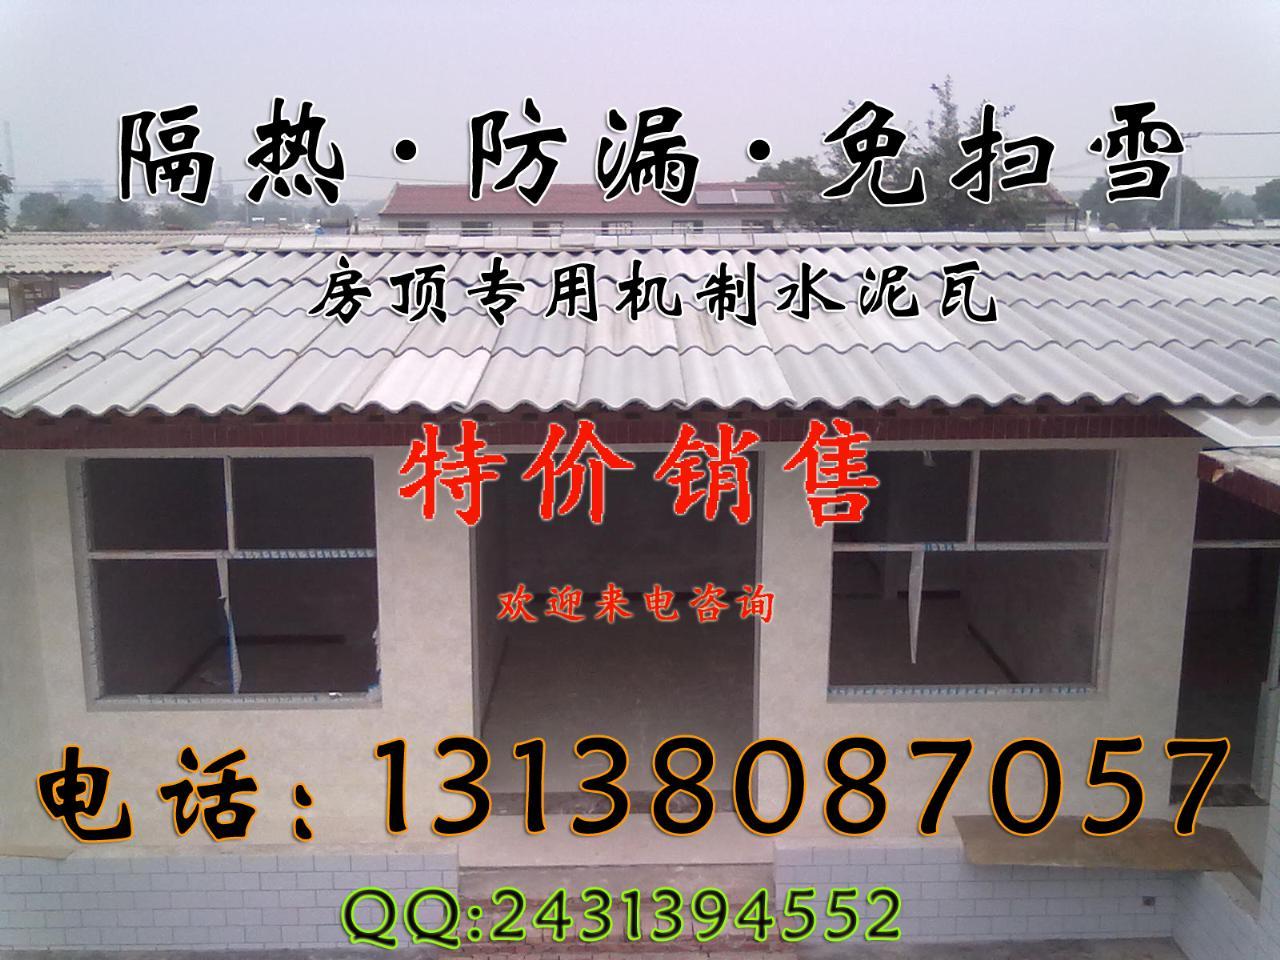 房頂專用水泥瓦、防漏、隔熱、冬天不用掃雪(圖)